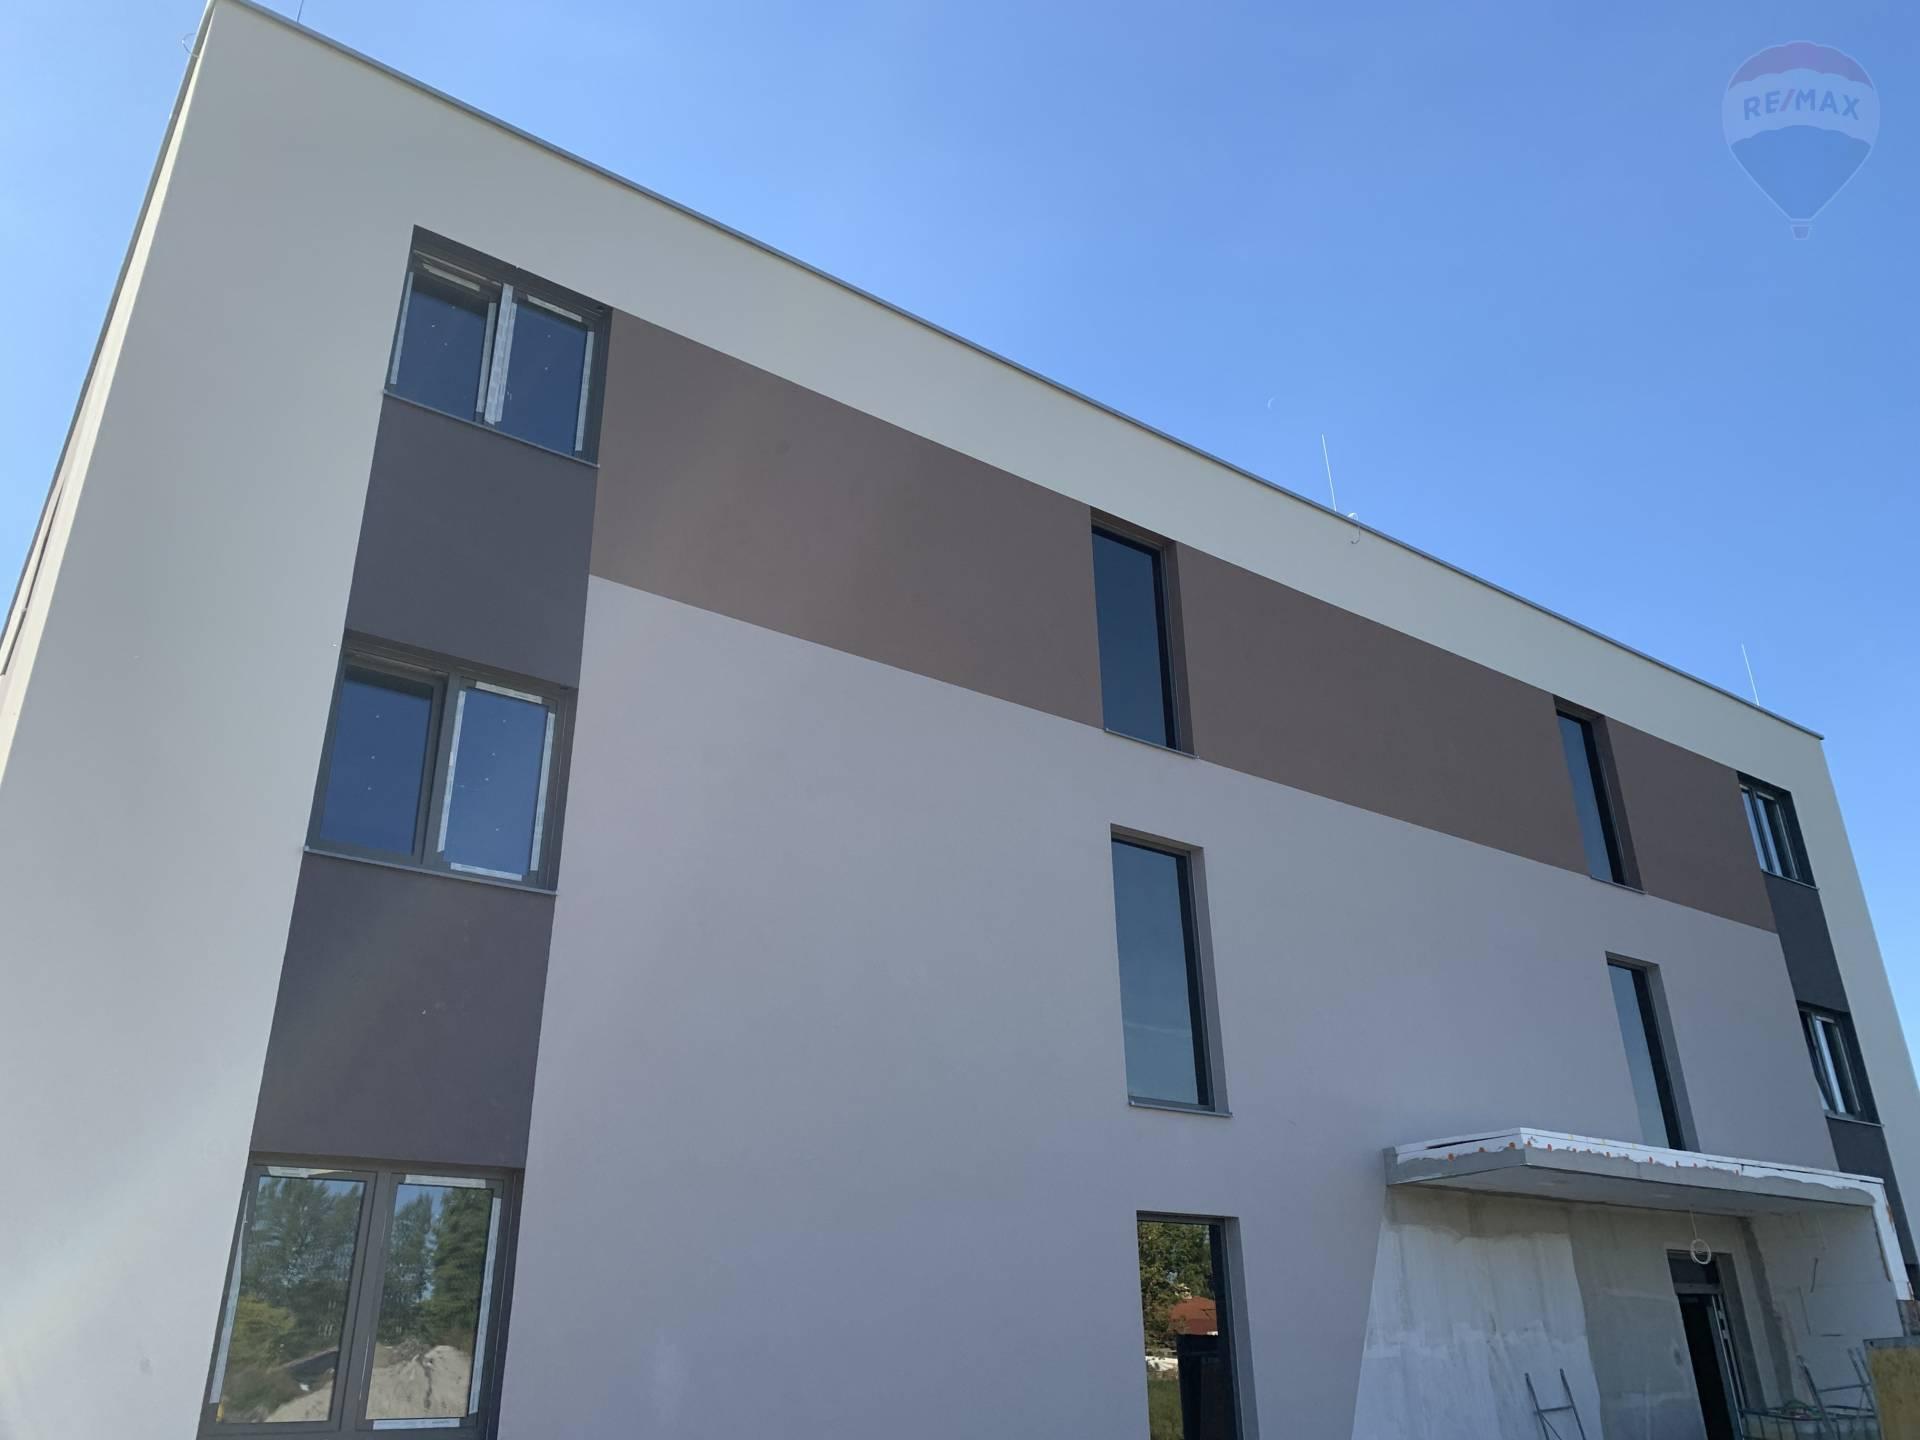 Predaj 3 izbový byt v Dunajskej Strede, Poľná cesta, 89,6 m2, na kľúč, 2 parkovacie miesta